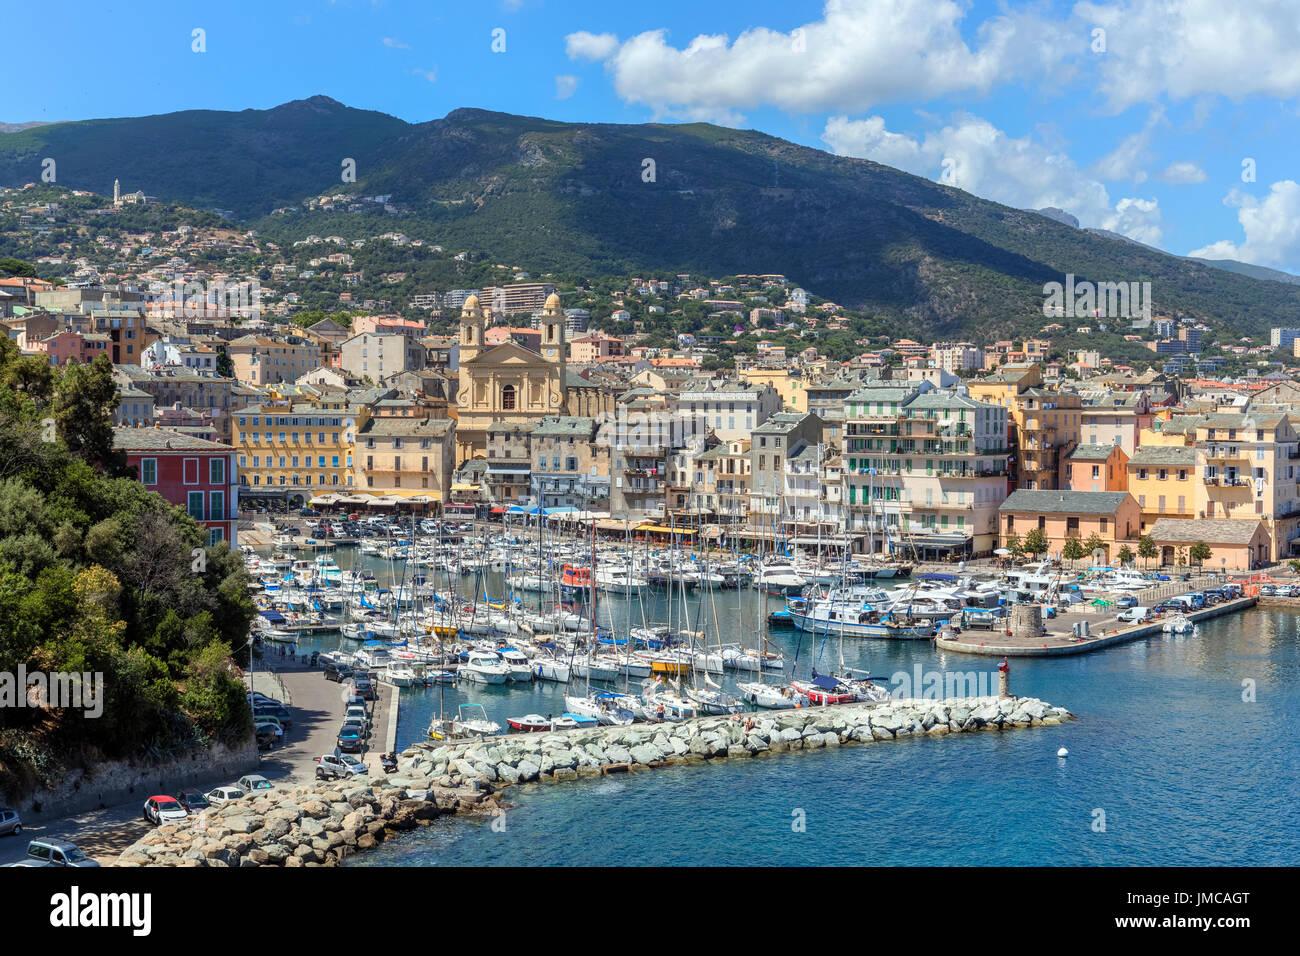 Bastia, Haute-Corse, Corsica, France - Stock Image